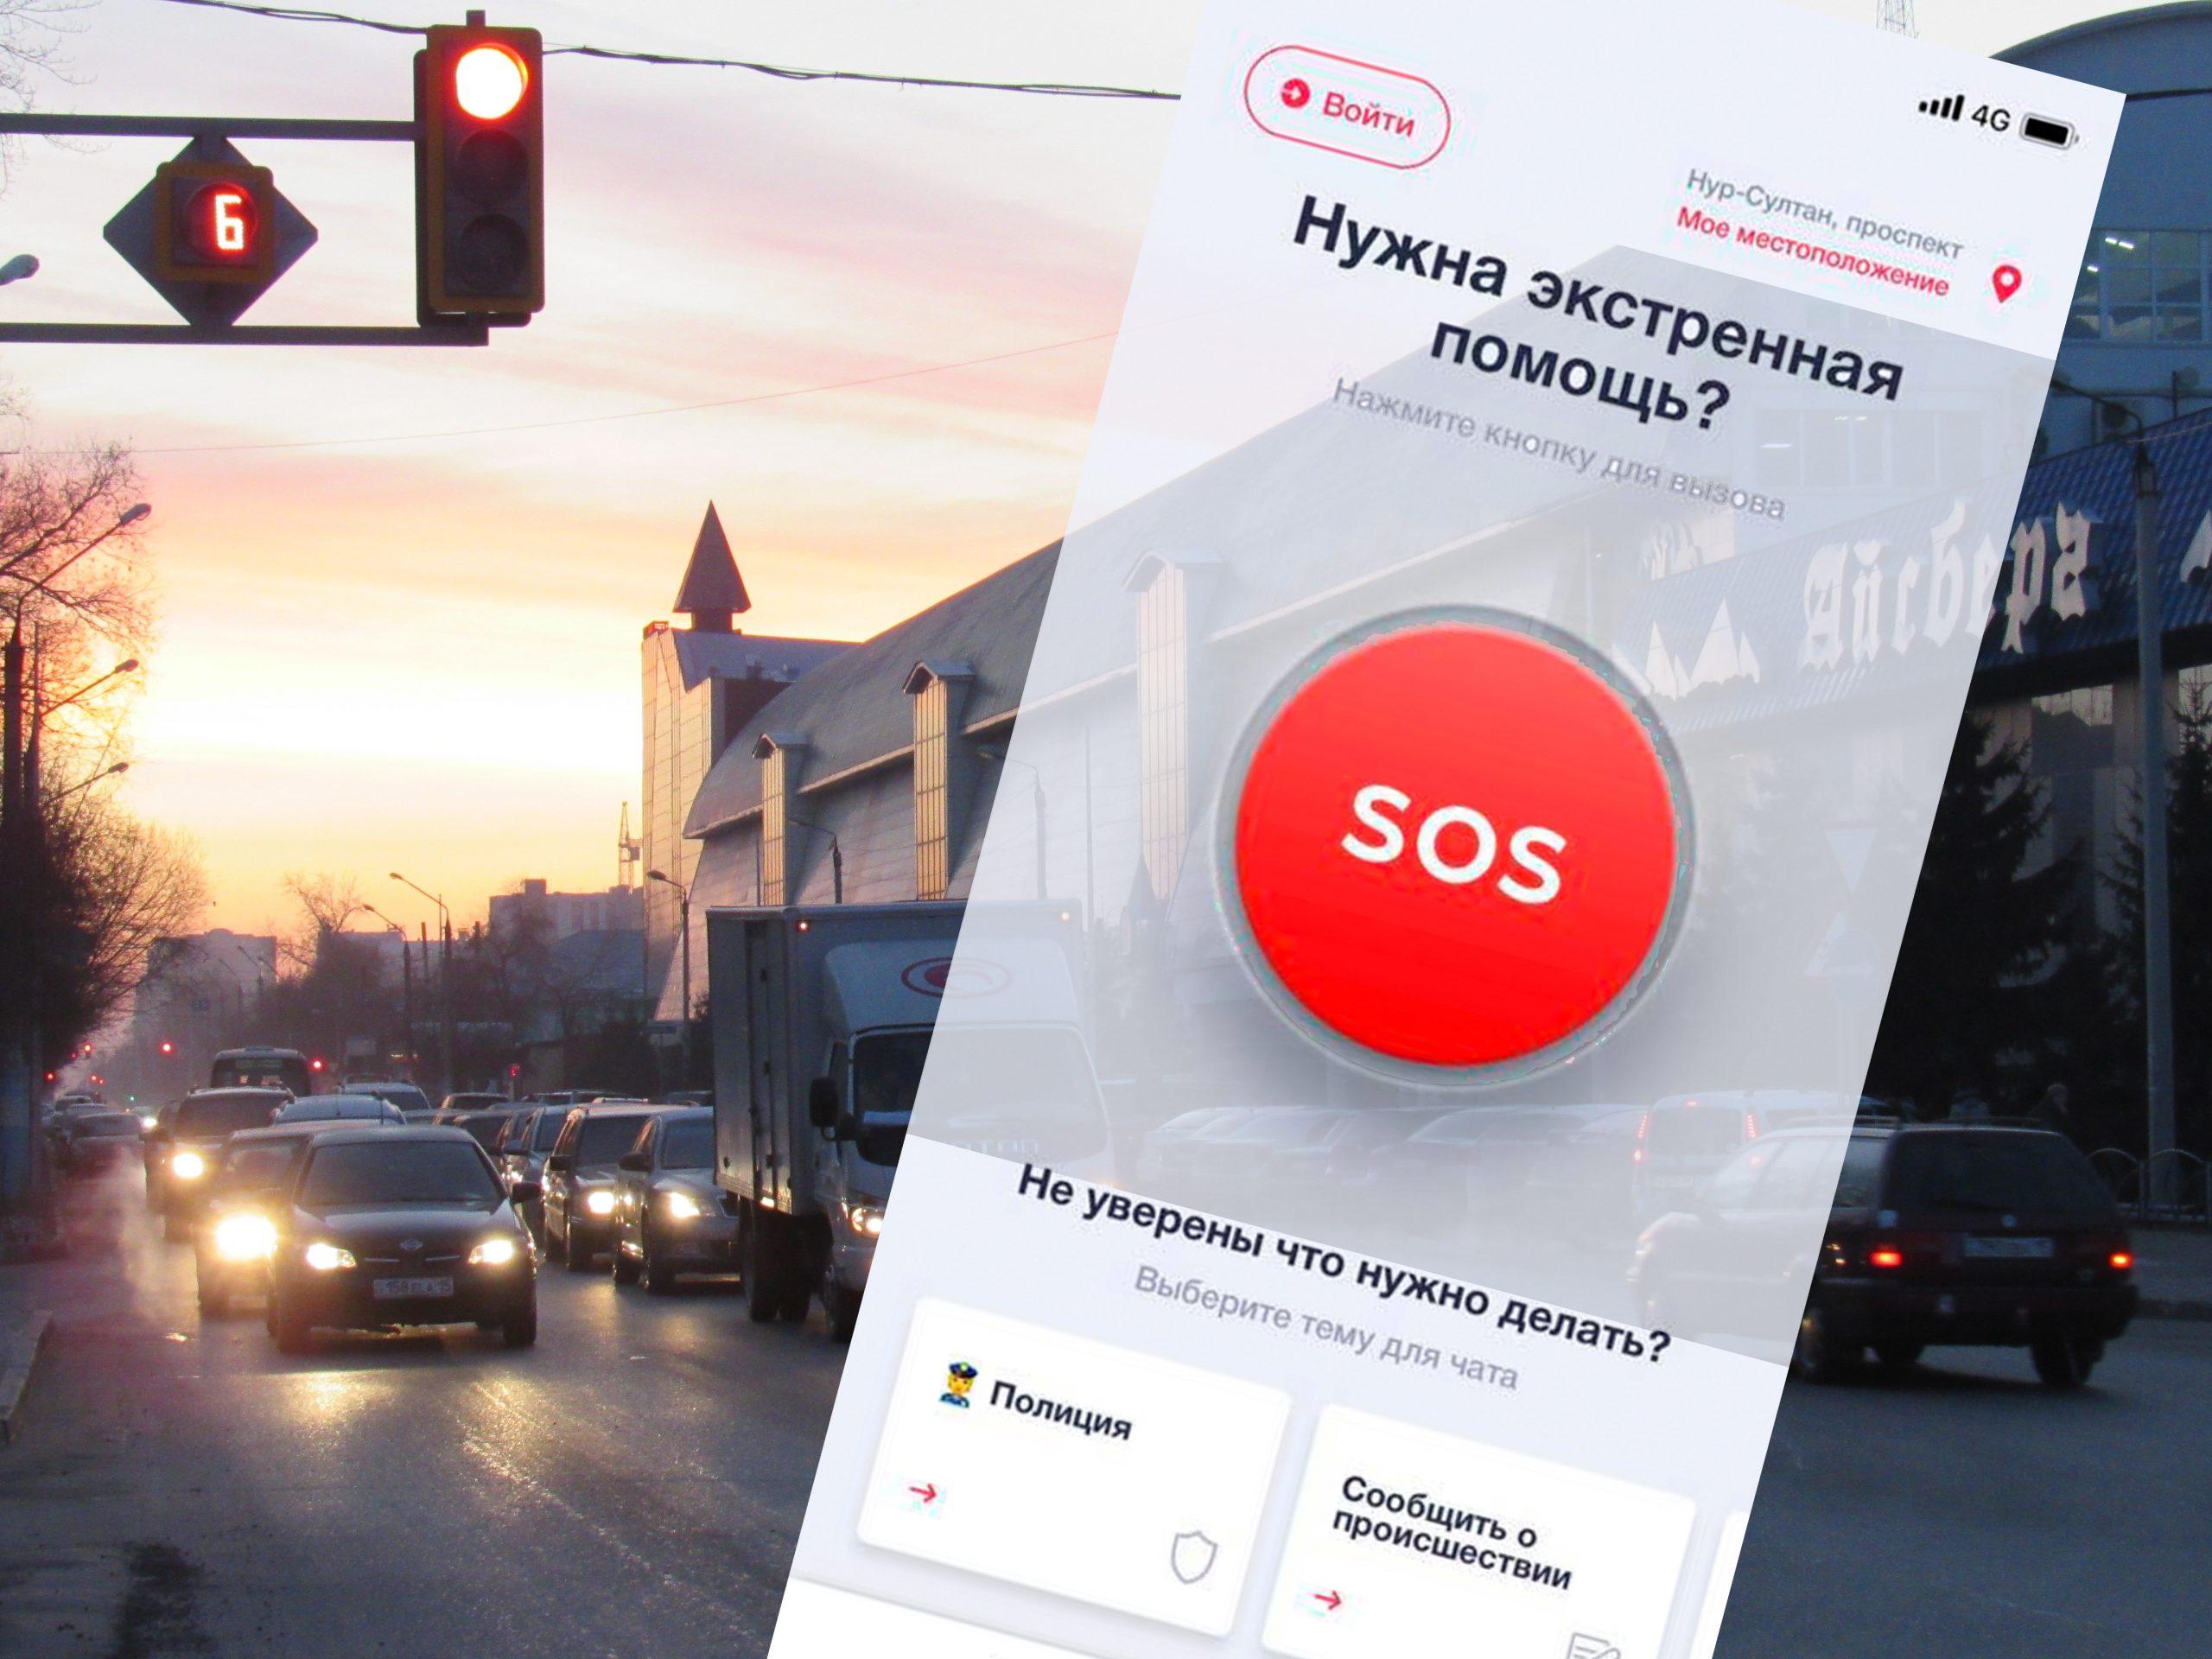 Полицейскую «Красную кнопку» могут установить на смартфоны жители Петропавловска